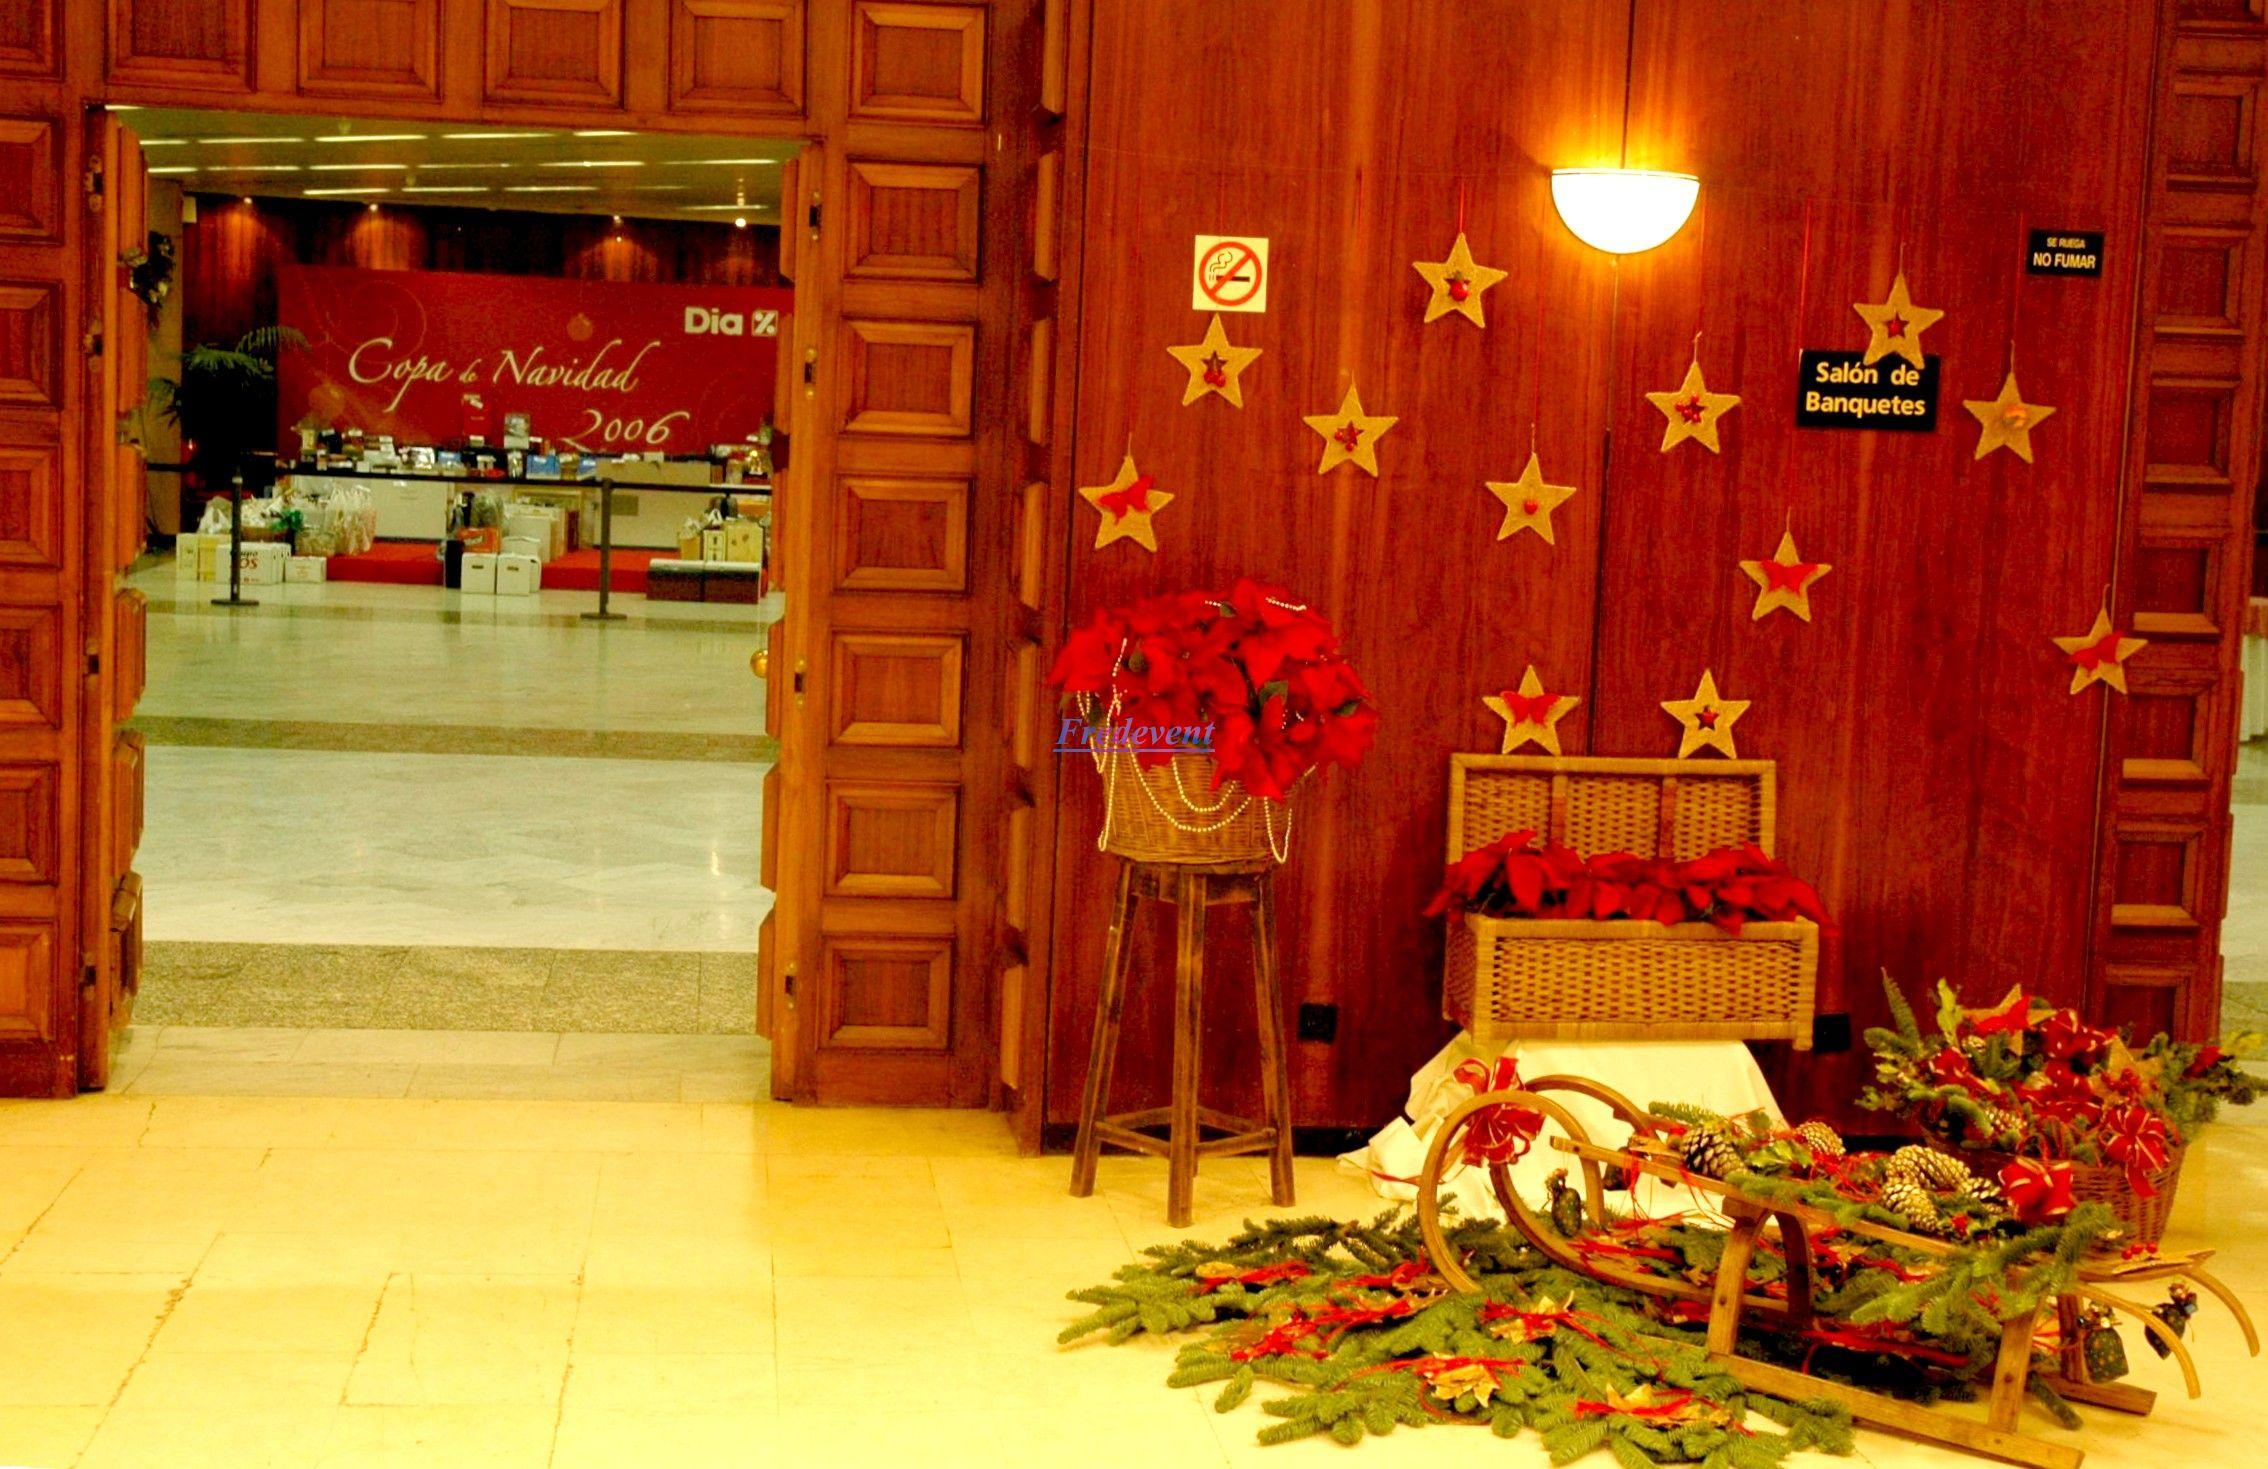 Organizacion de eventos empresas cena navidad eventos for Decoracion de locales para navidad